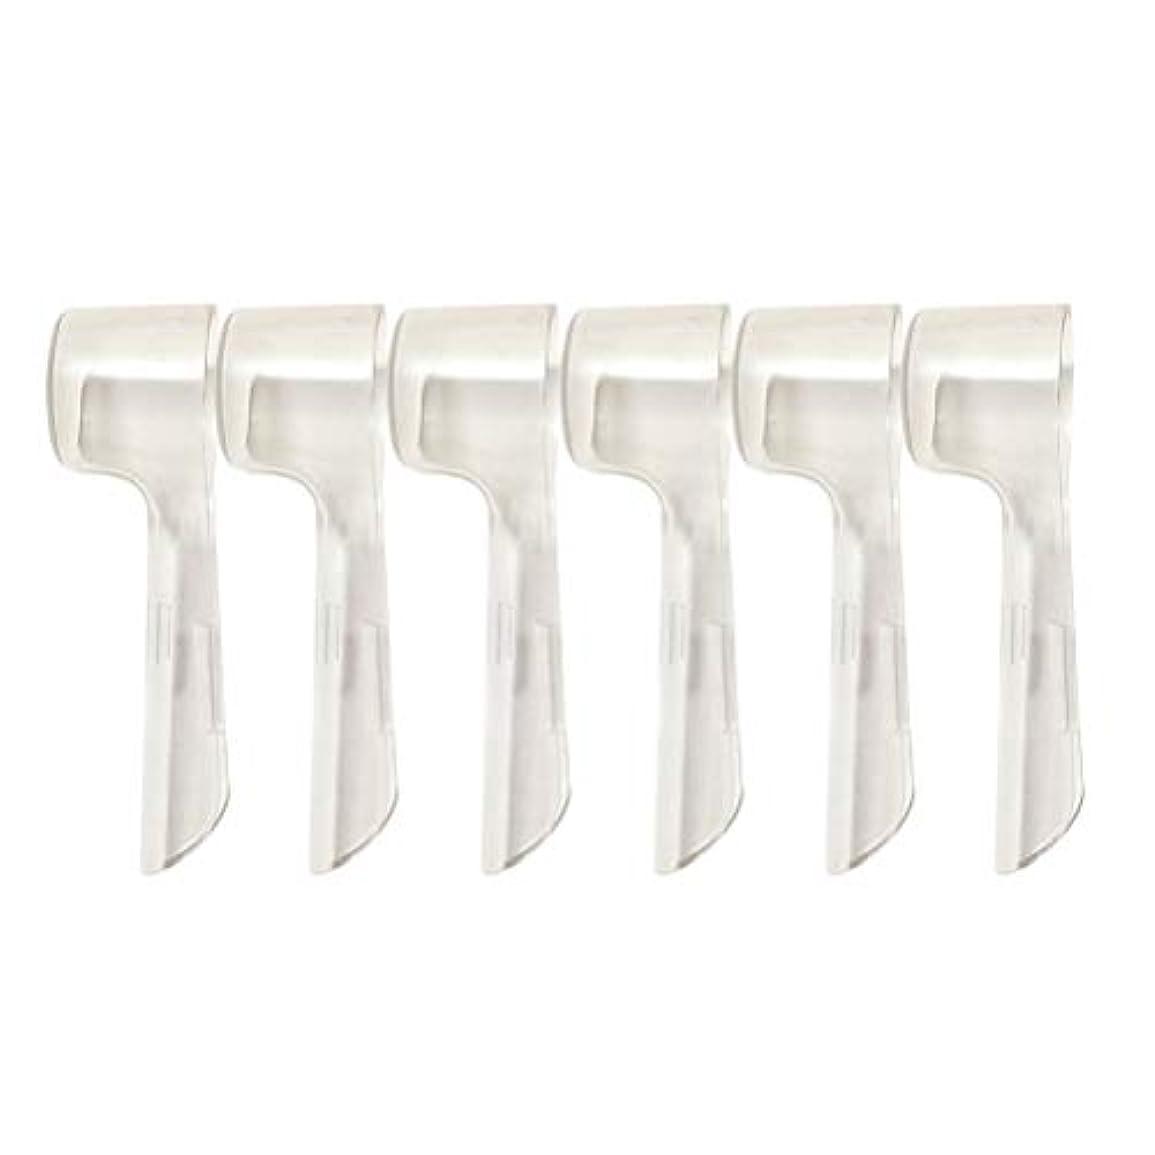 閉じる付与スポンサーHealifty 10本の歯ブラシカバー電動歯ブラシは旅行やその他の衛生に便利です。